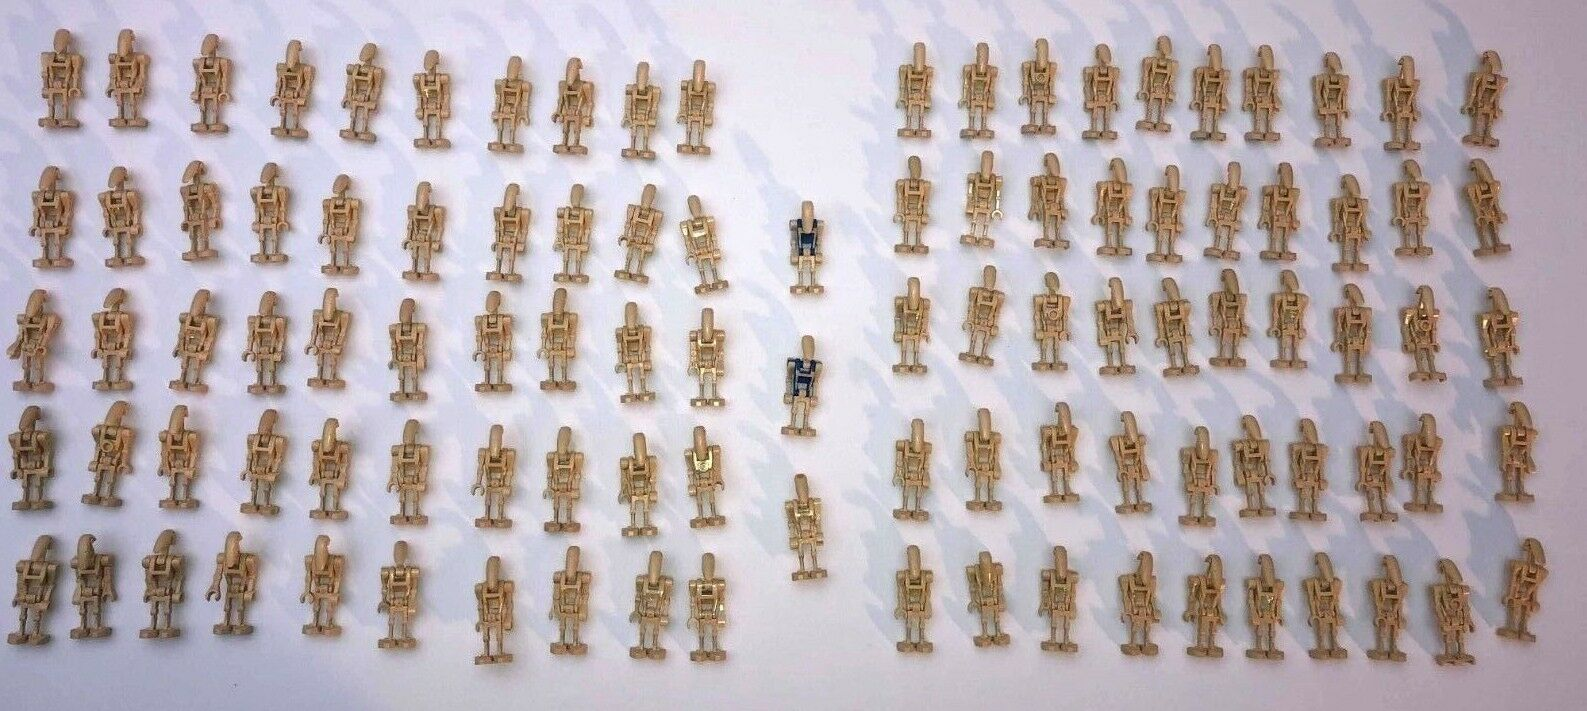 LEGO lot of 103 Battle Droid  Minicifras Minifigs Bulk Original w  gituttio, blu  con il 100% di qualità e il 100% di servizio